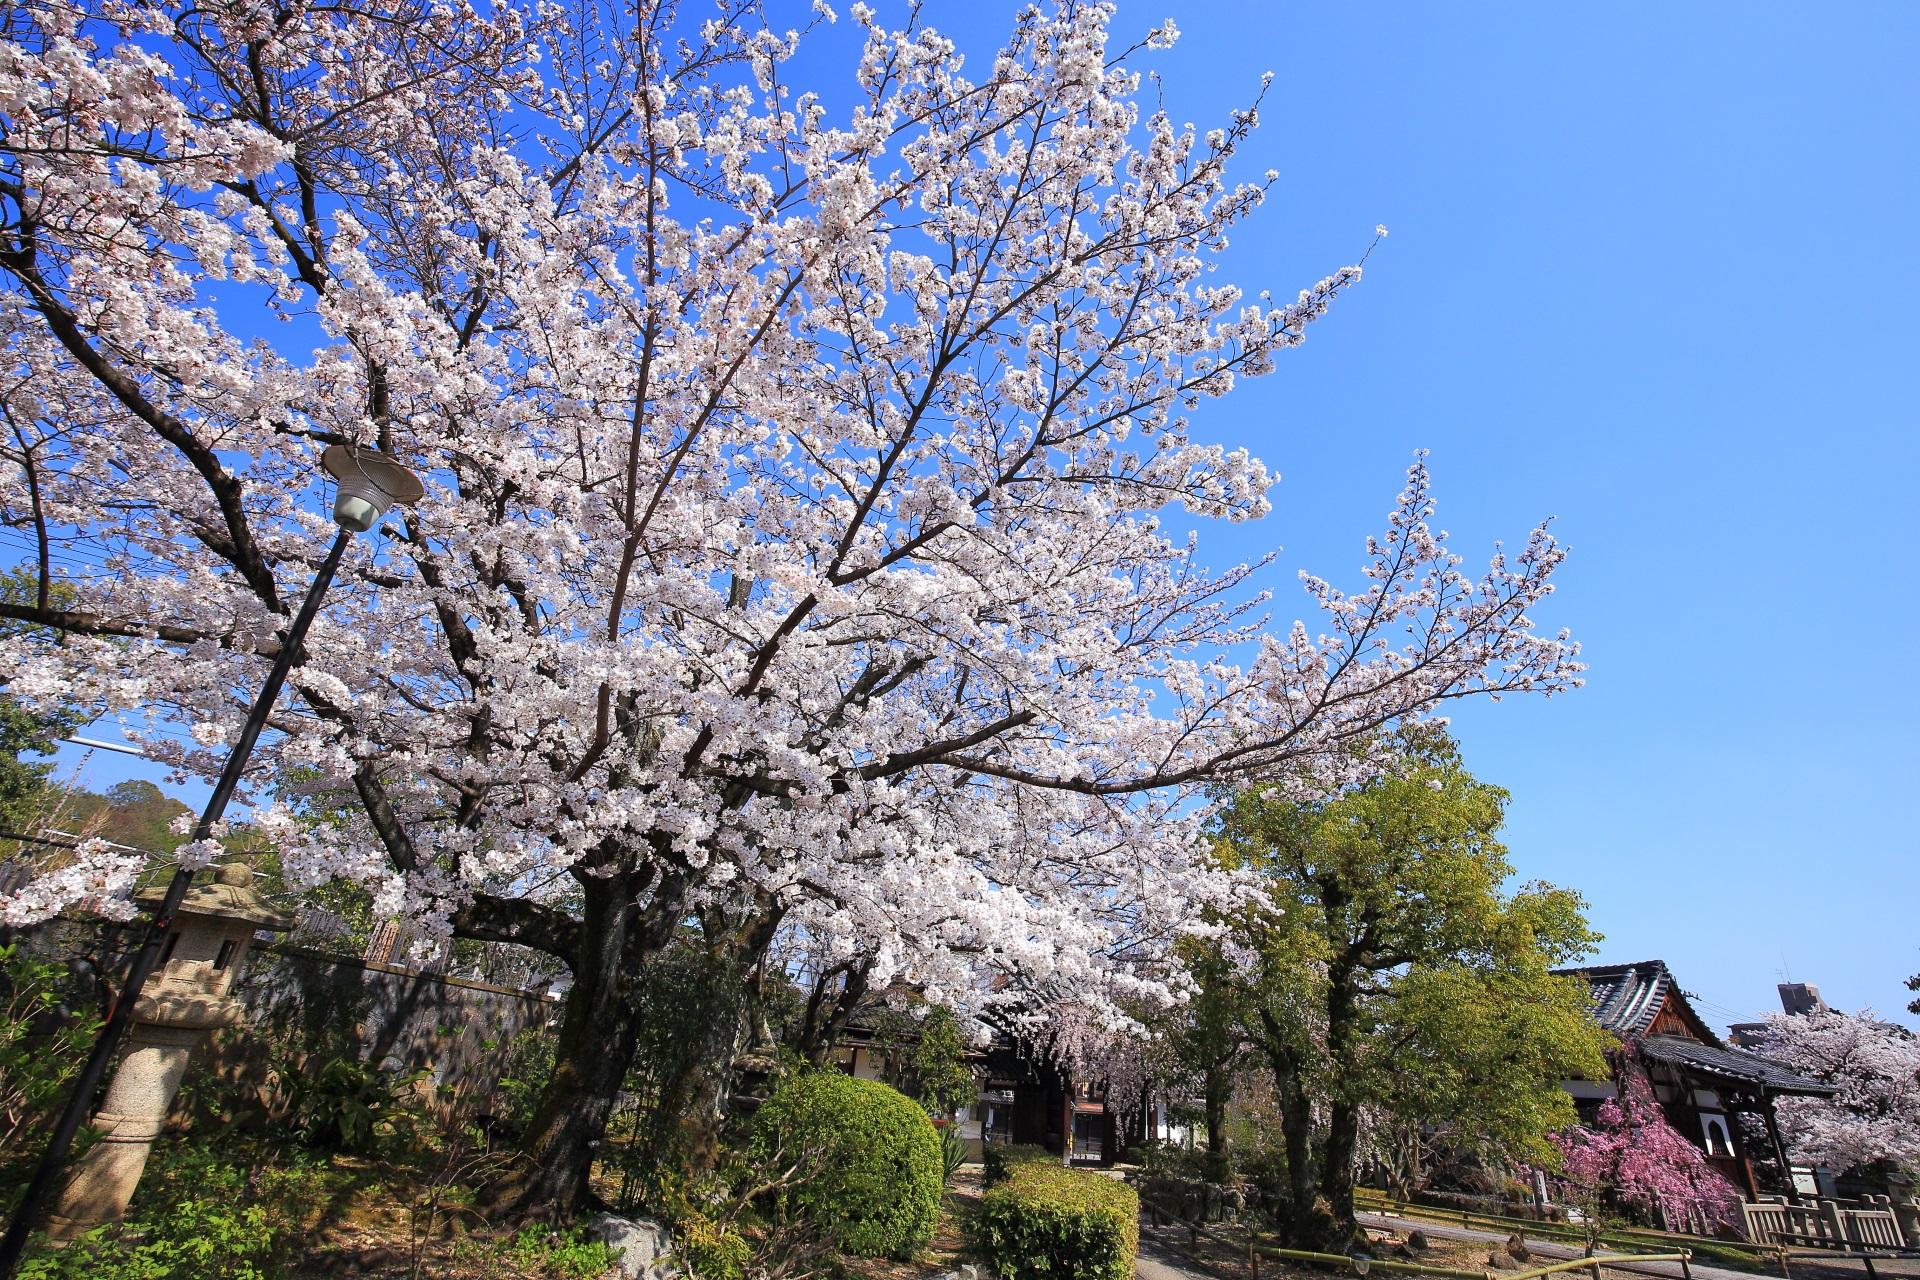 上品蓮台寺 桜 華やかな春色に染まる桜の名所